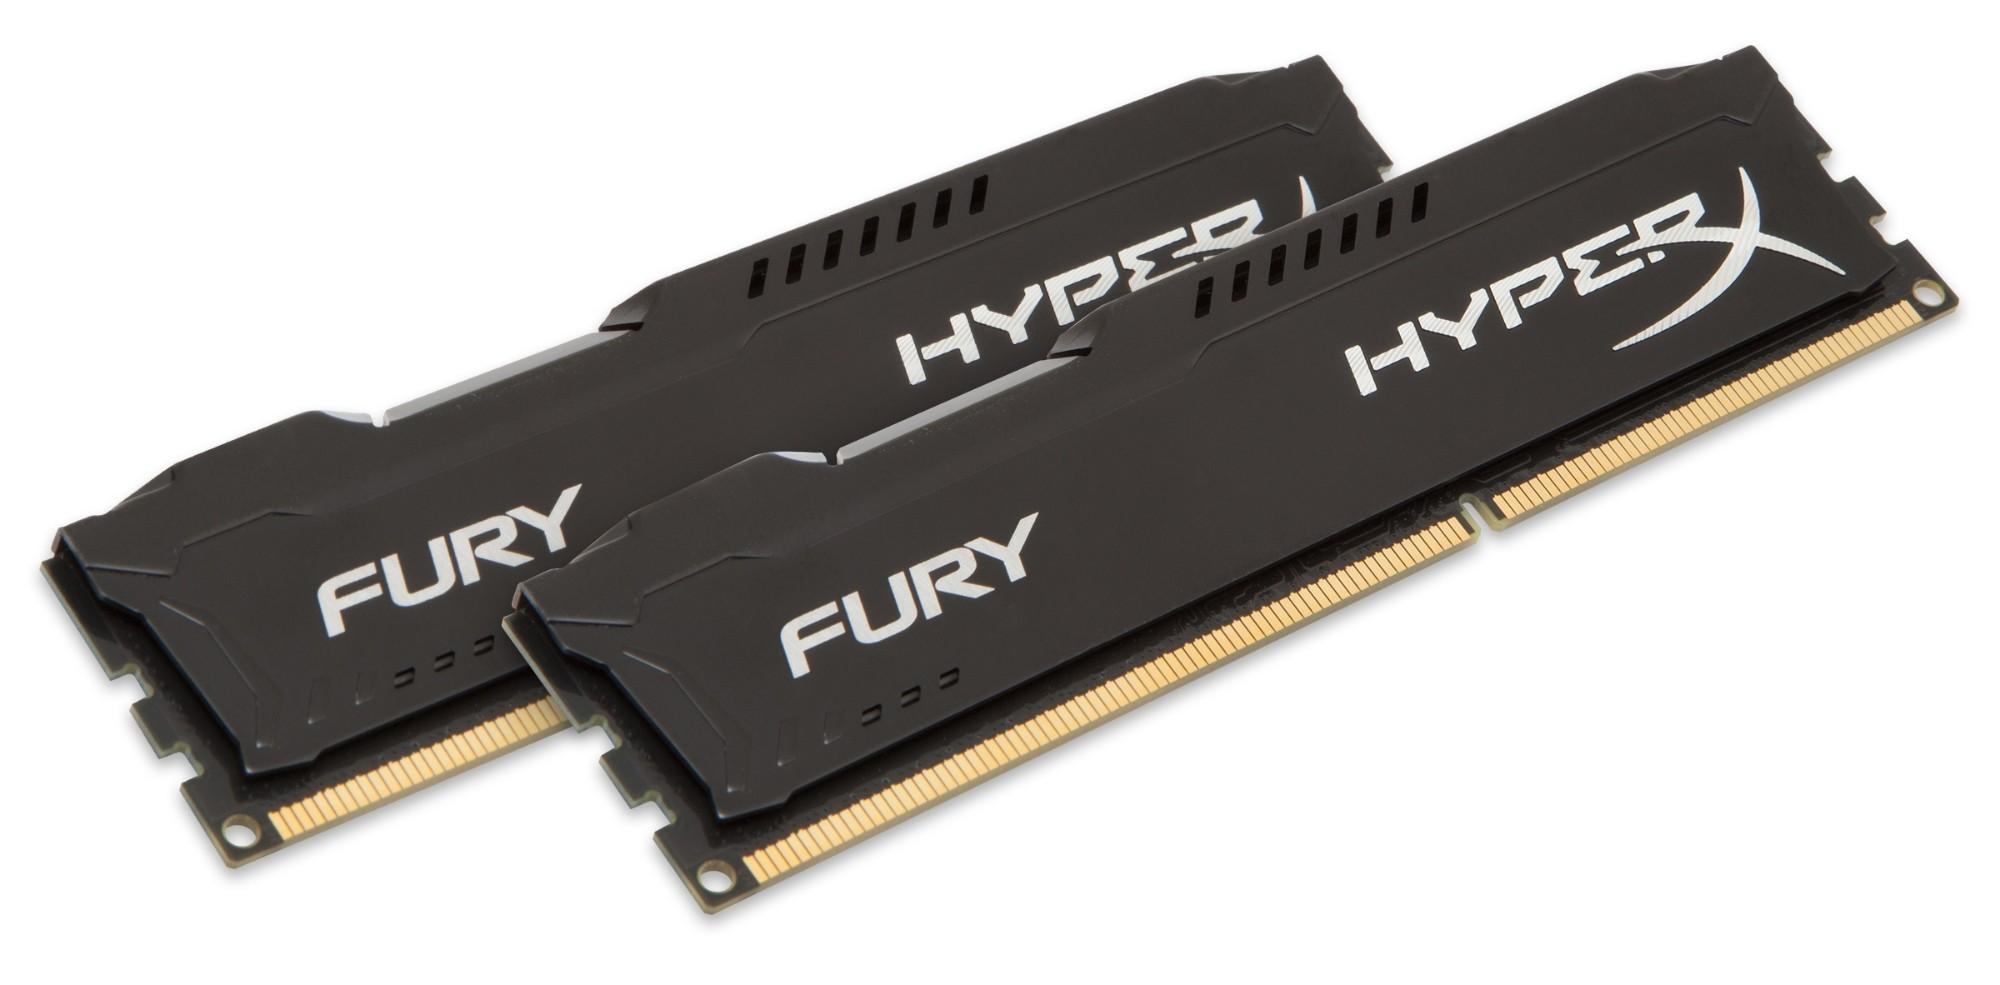 HyperX FURY Black 16GB 1866MHz DDR3 módulo de memoria 2 x 8 GB